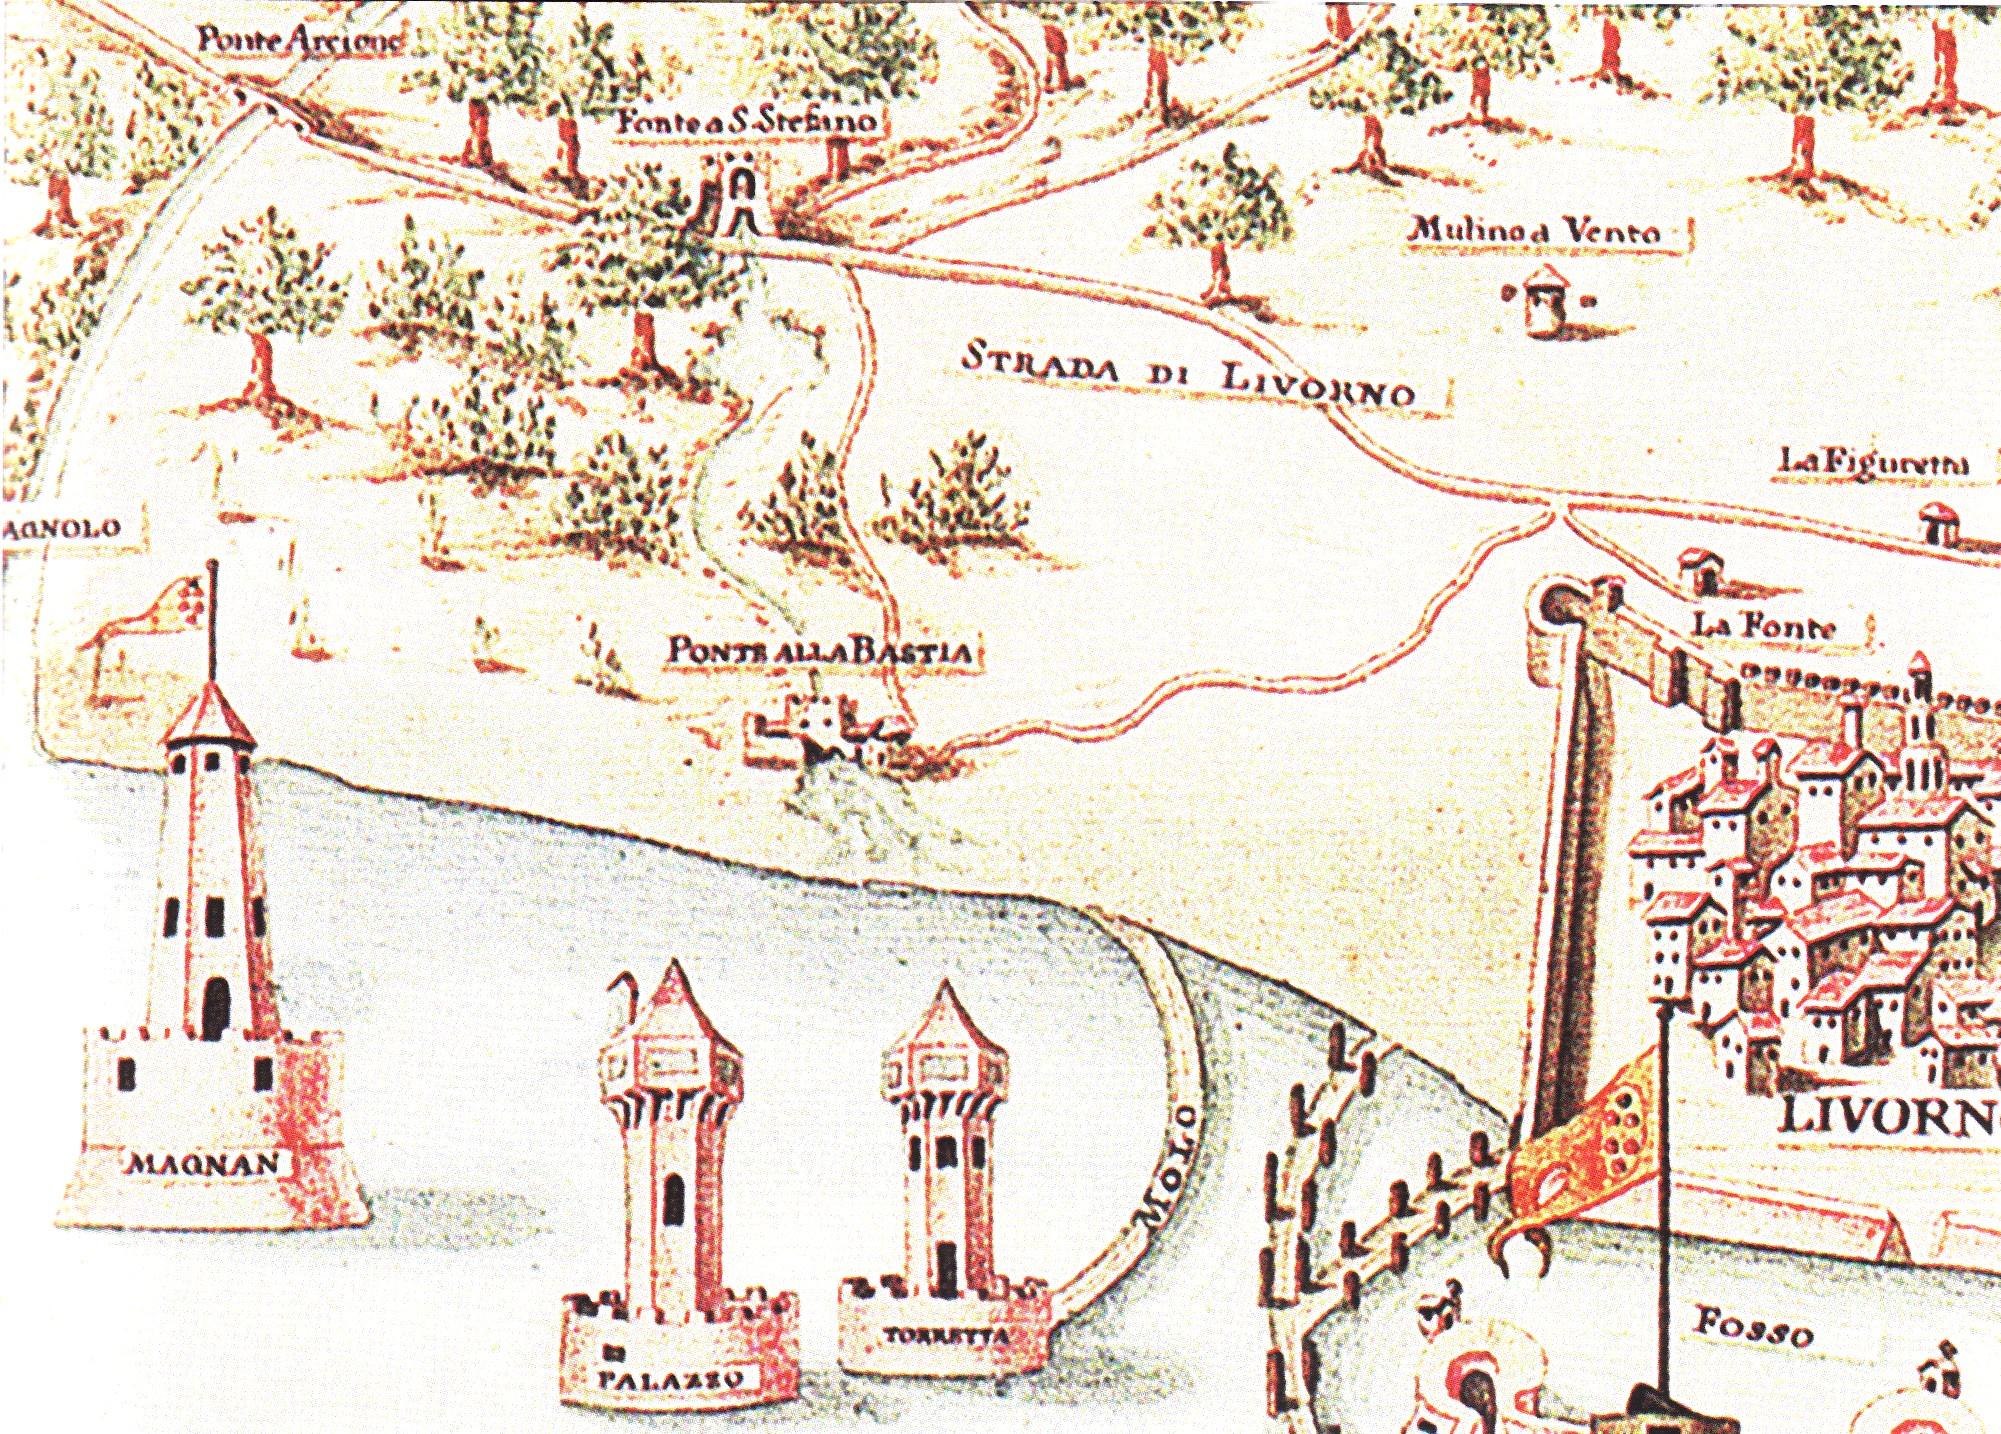 Perché Pisa non ha il mare sebbene sia stata una delle quattro Repubbliche marinare? Storia di Pisa: dai Romani alla sconfitta della Meloria